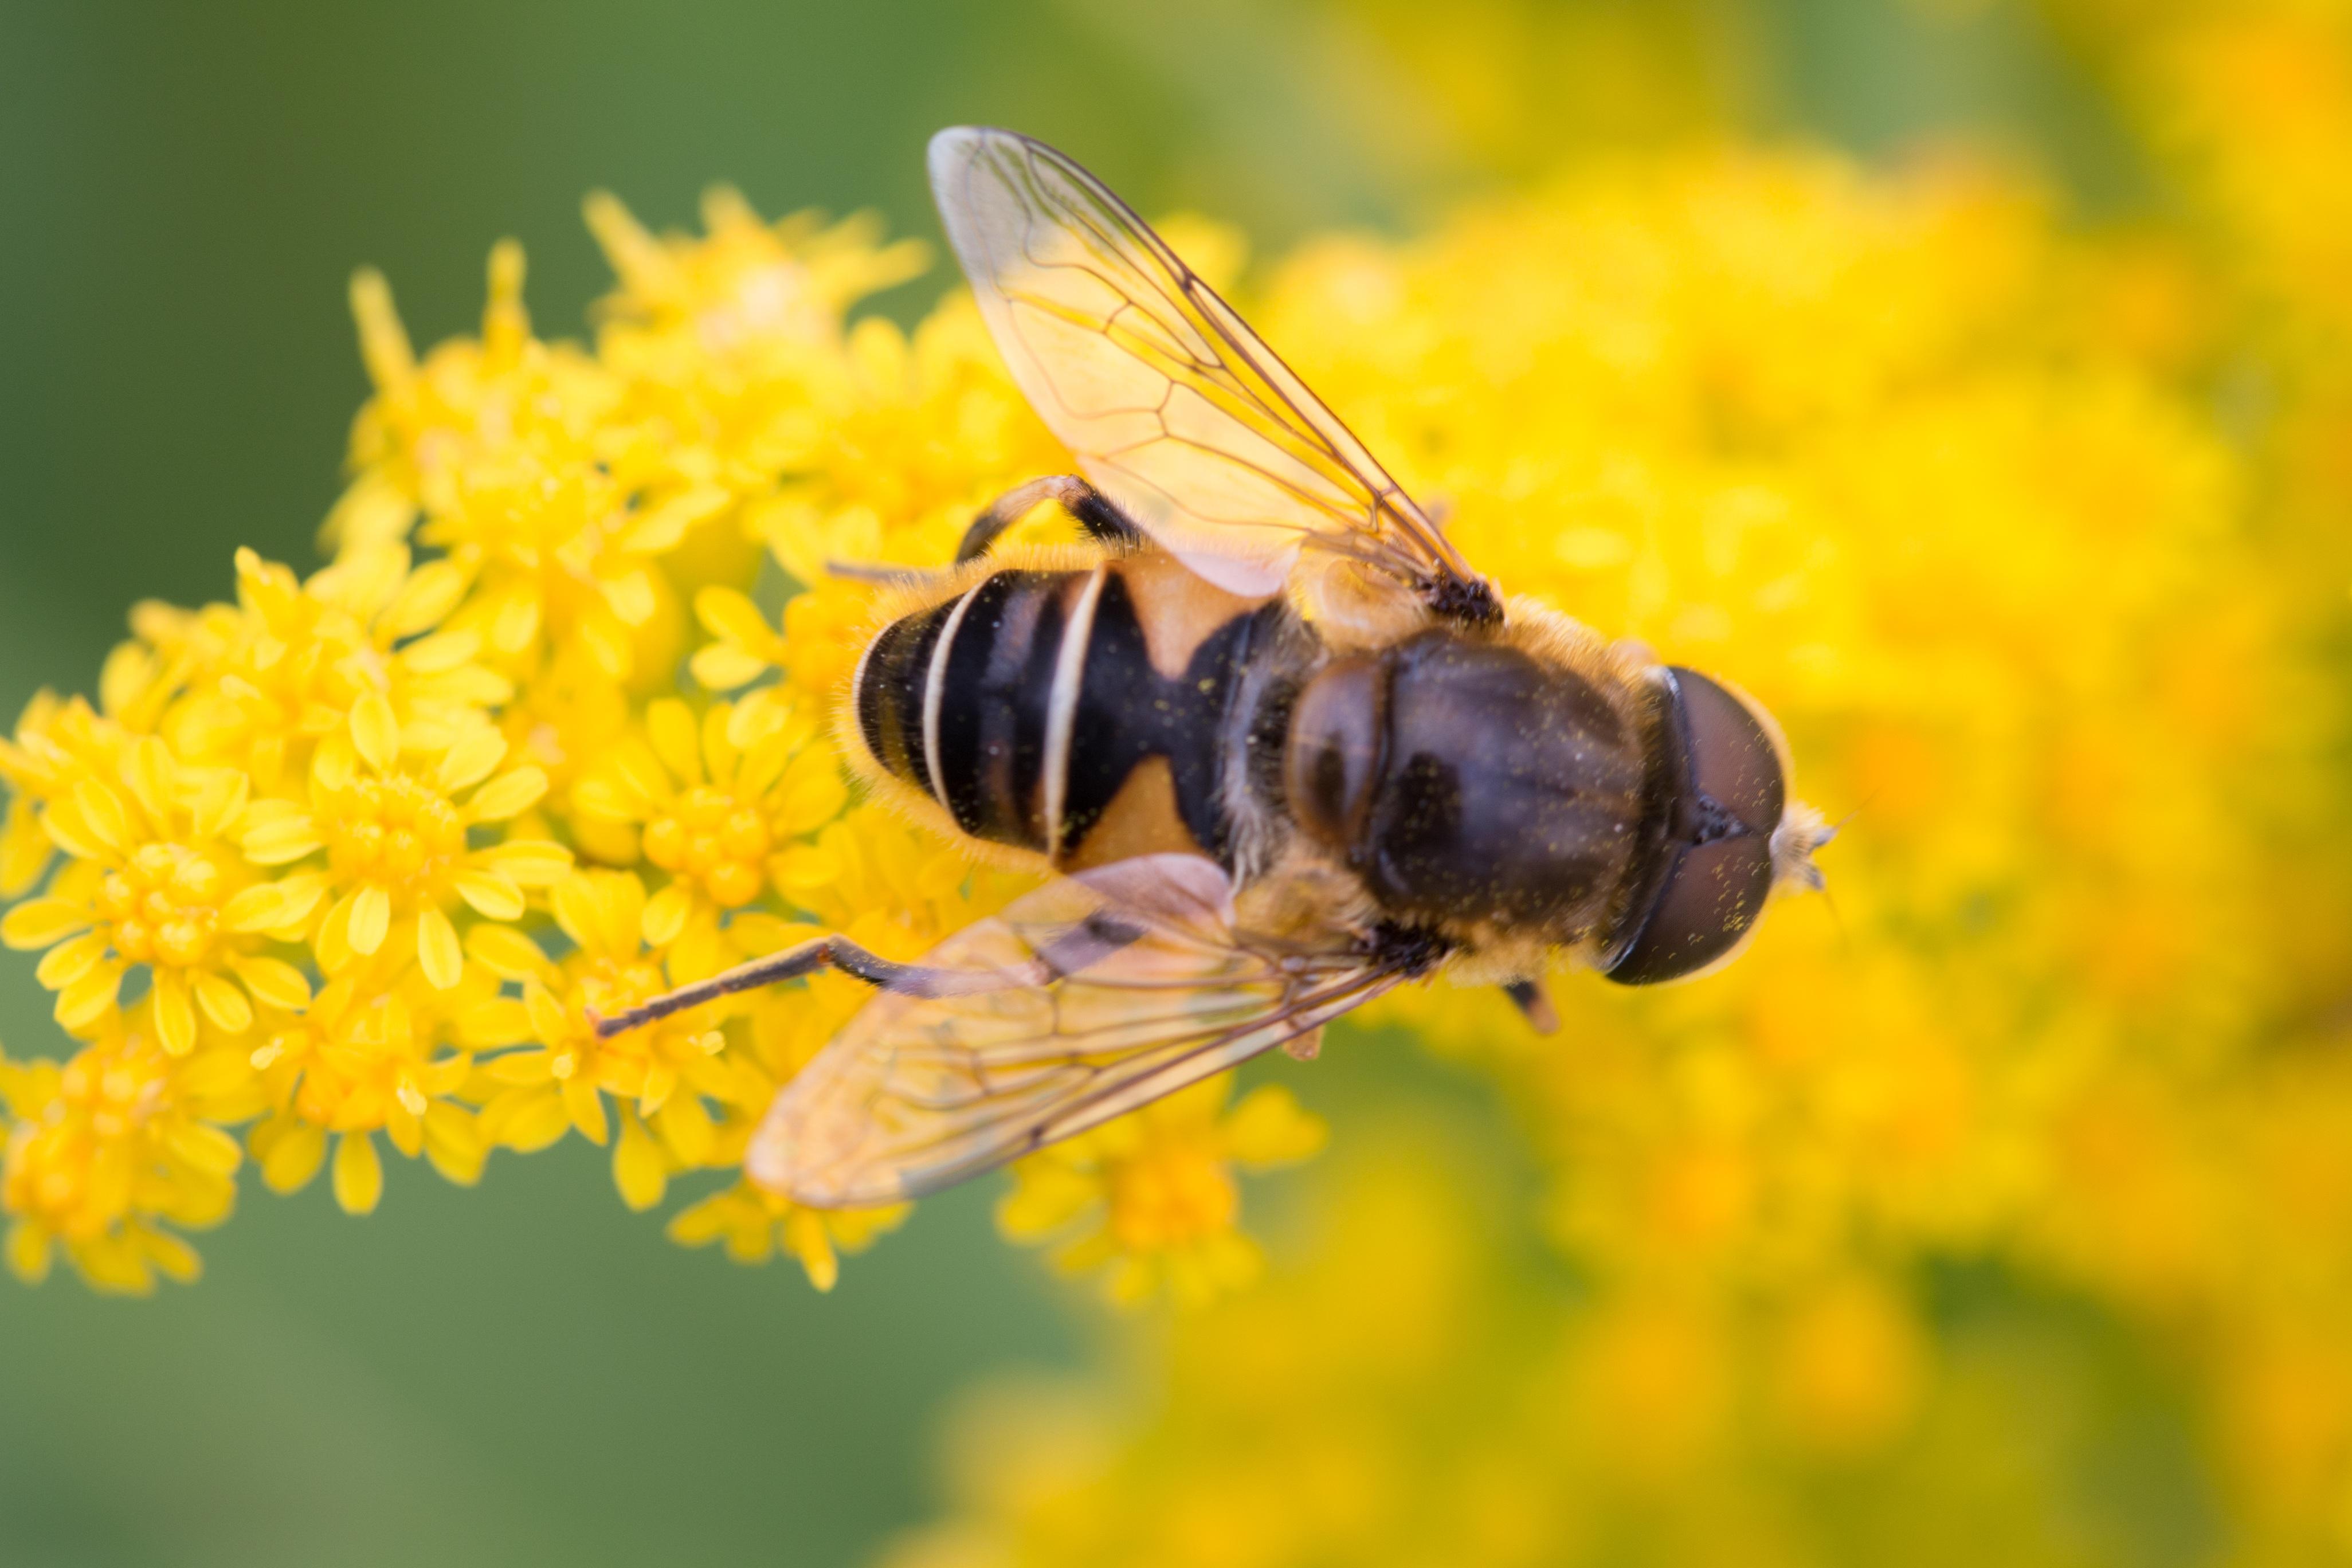 сейчас картинка яркая пчелы праздничной трапезы